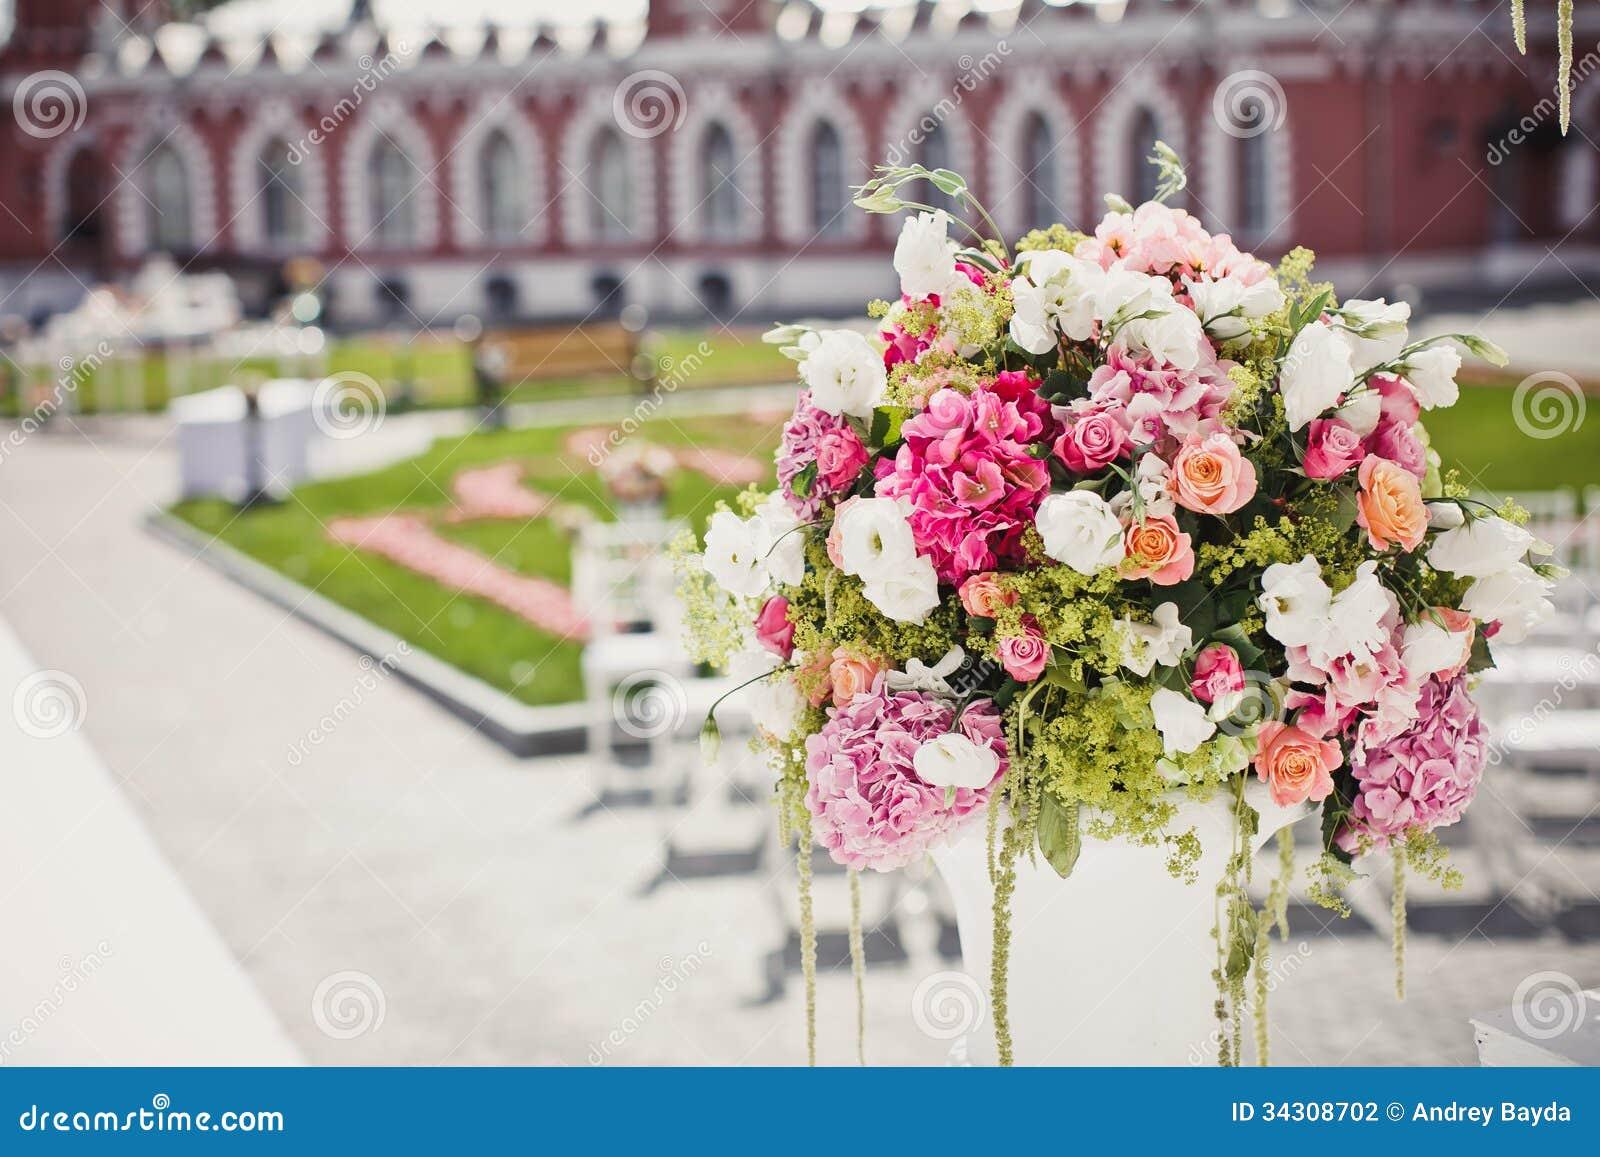 Dekoration Von Hochzeitsblumen Stockfoto Bild Von Fall Blatt